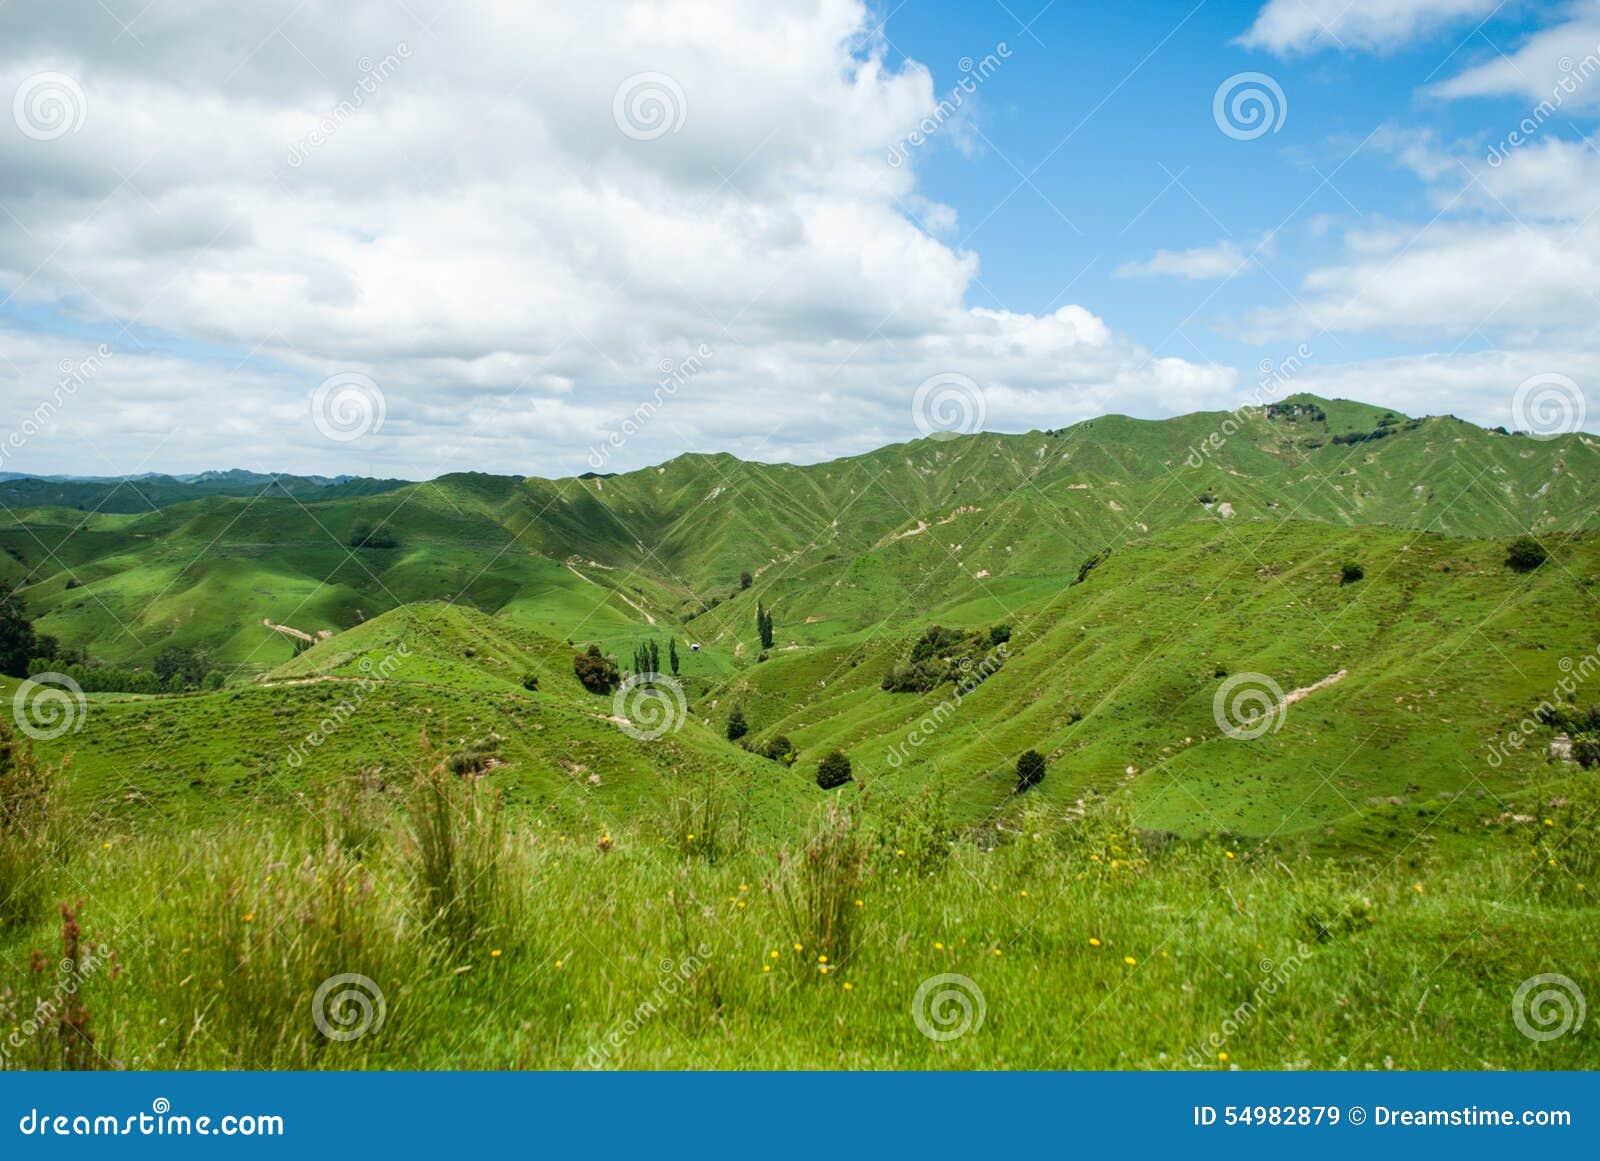 Gräsplan så långt som öga kan se